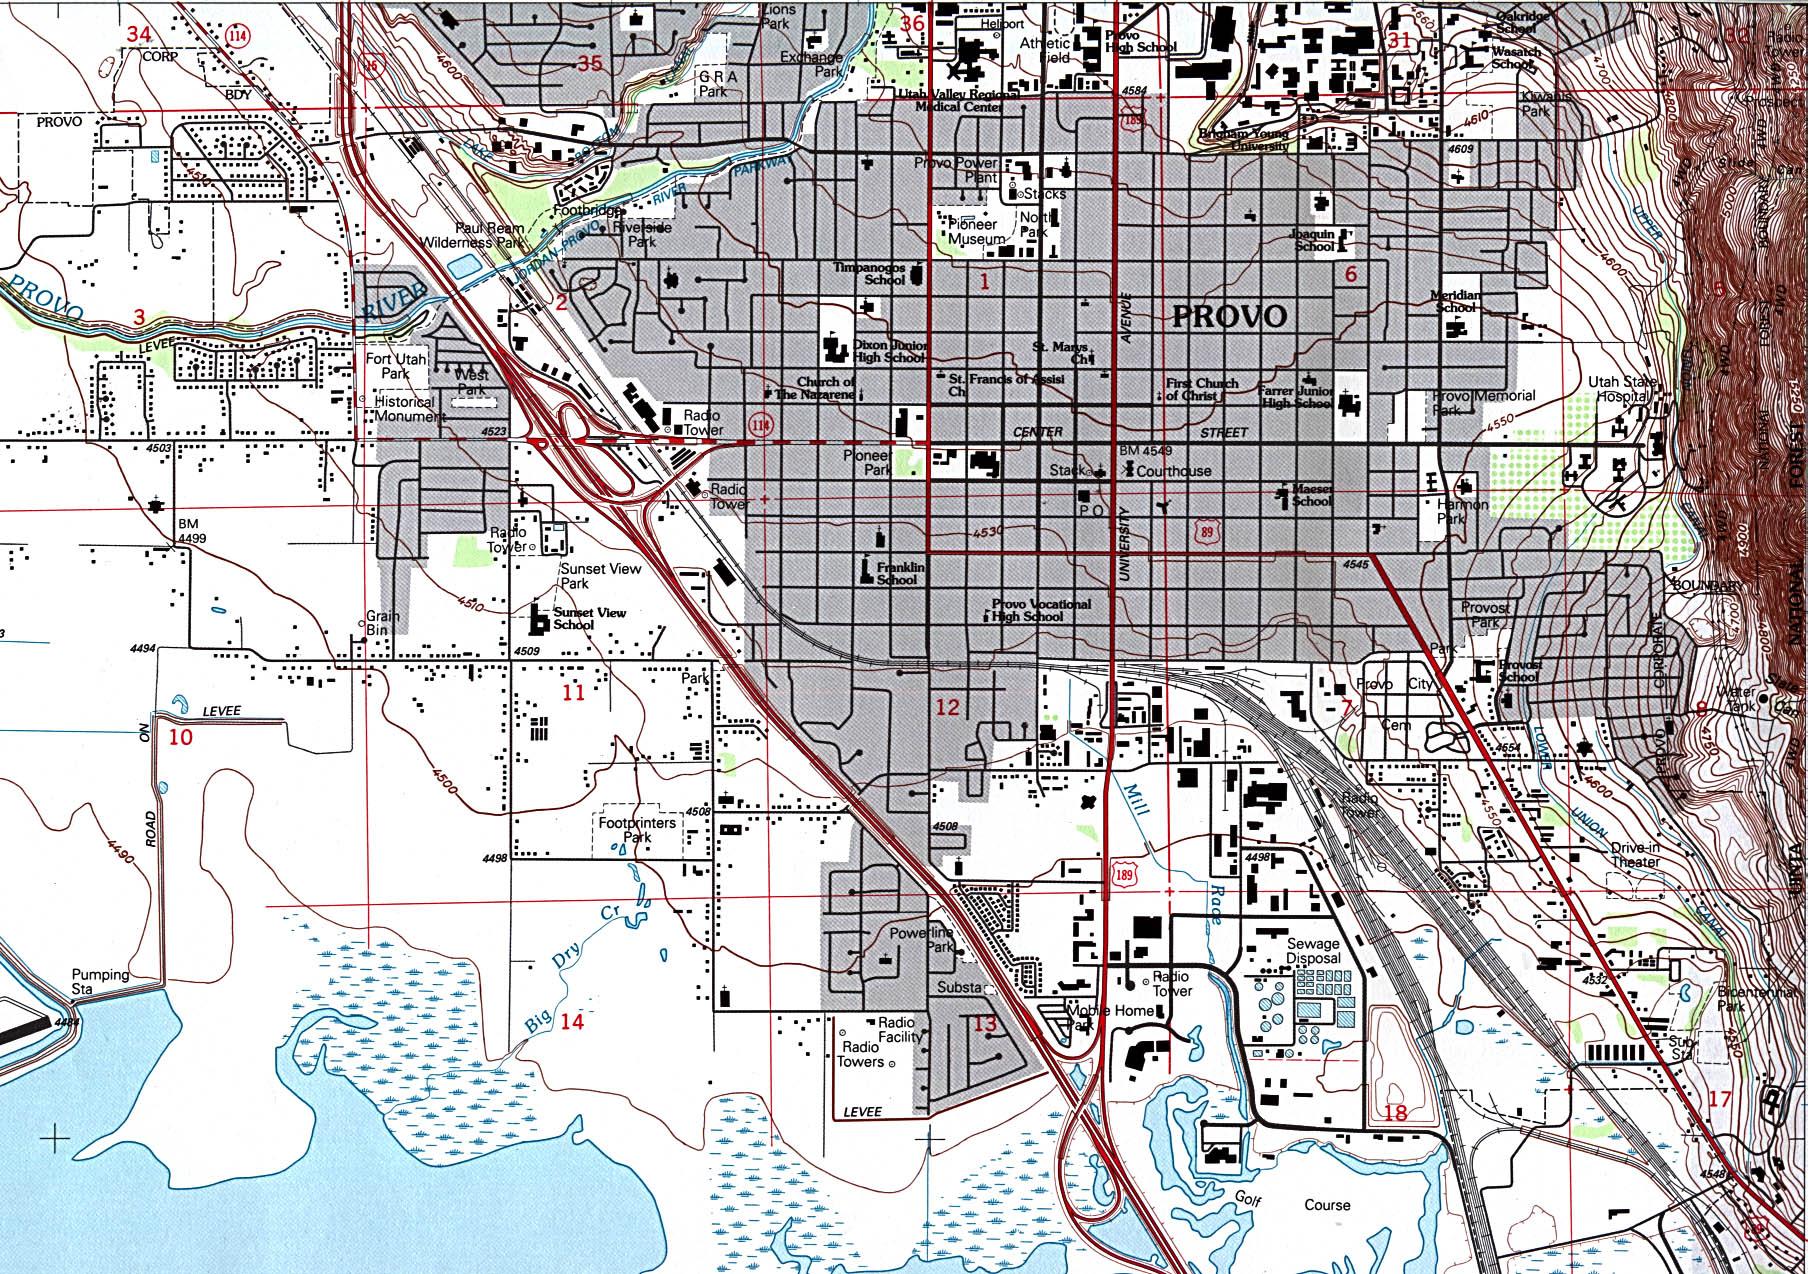 Mapa Topográfico de la Ciudad de Provo, Utah, Estados Unidos